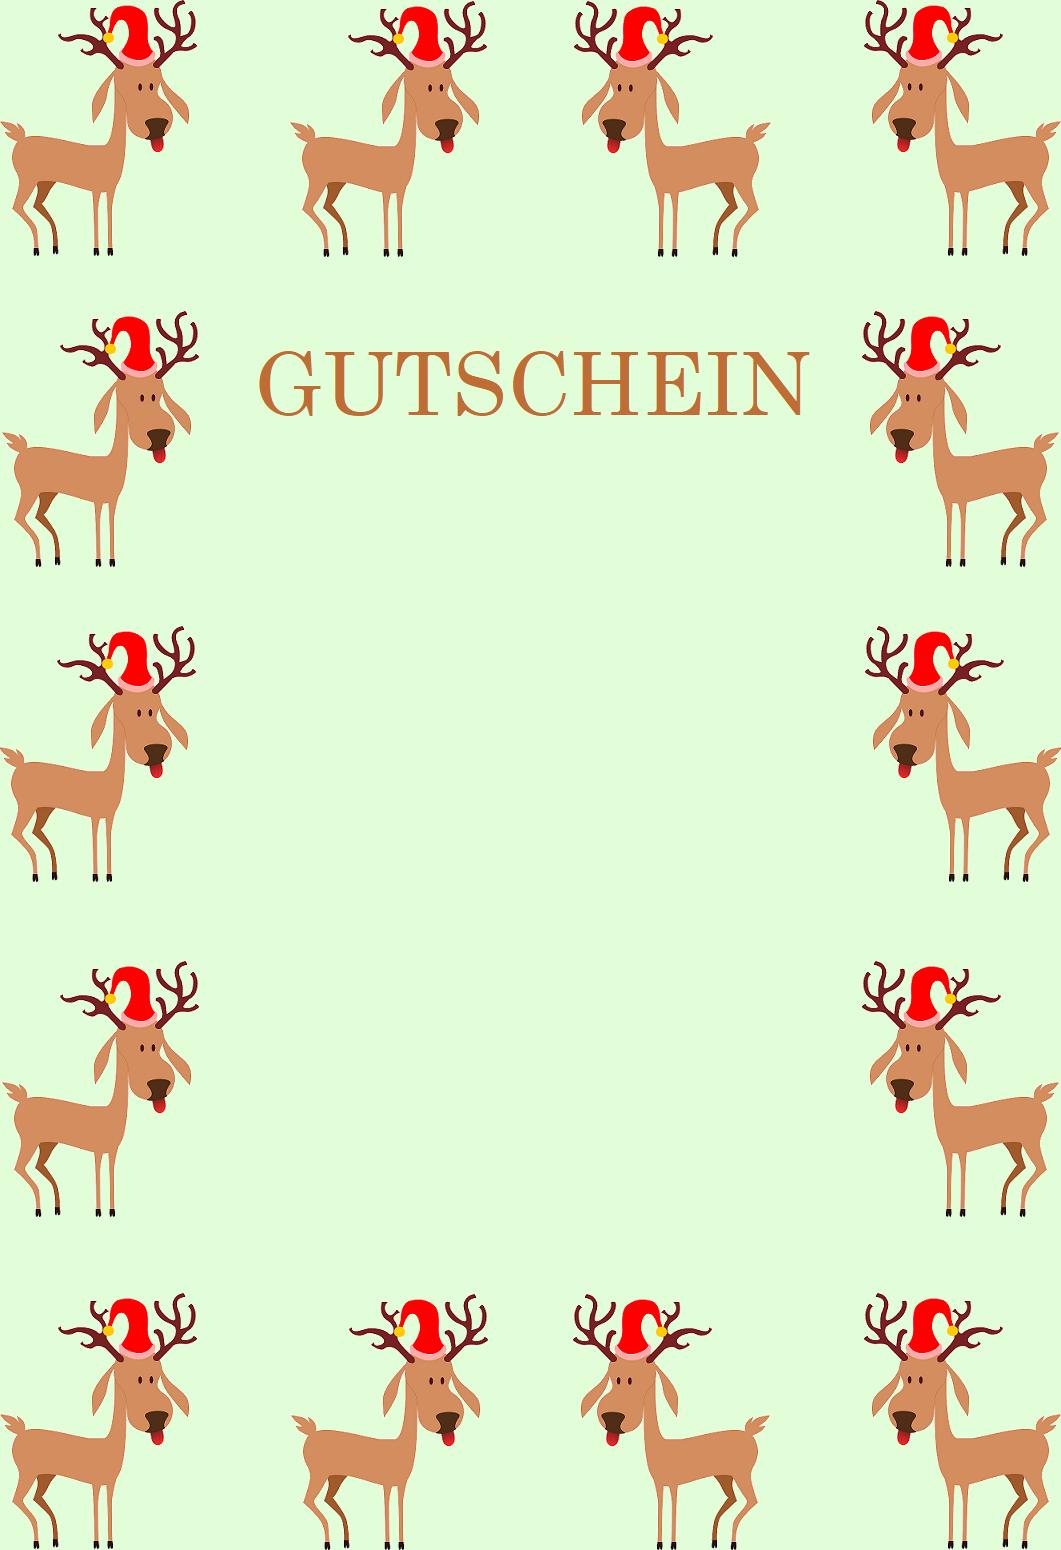 Gutscheinvorlagen Zu Weihnachten - Gutscheinspruch.de mit Weihnachts Vorlagen